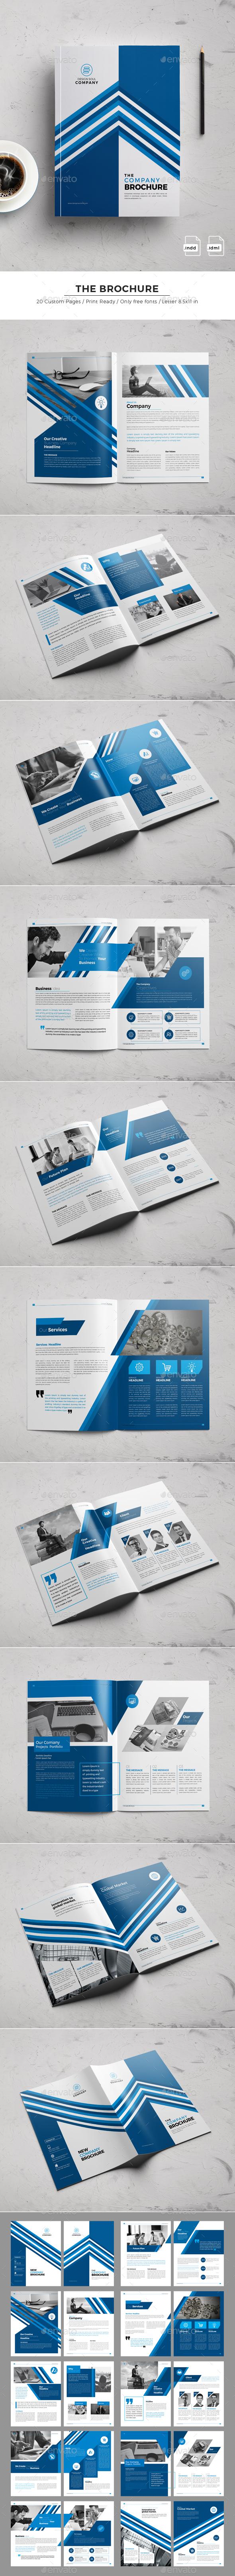 The Brochure - Corporate Brochures